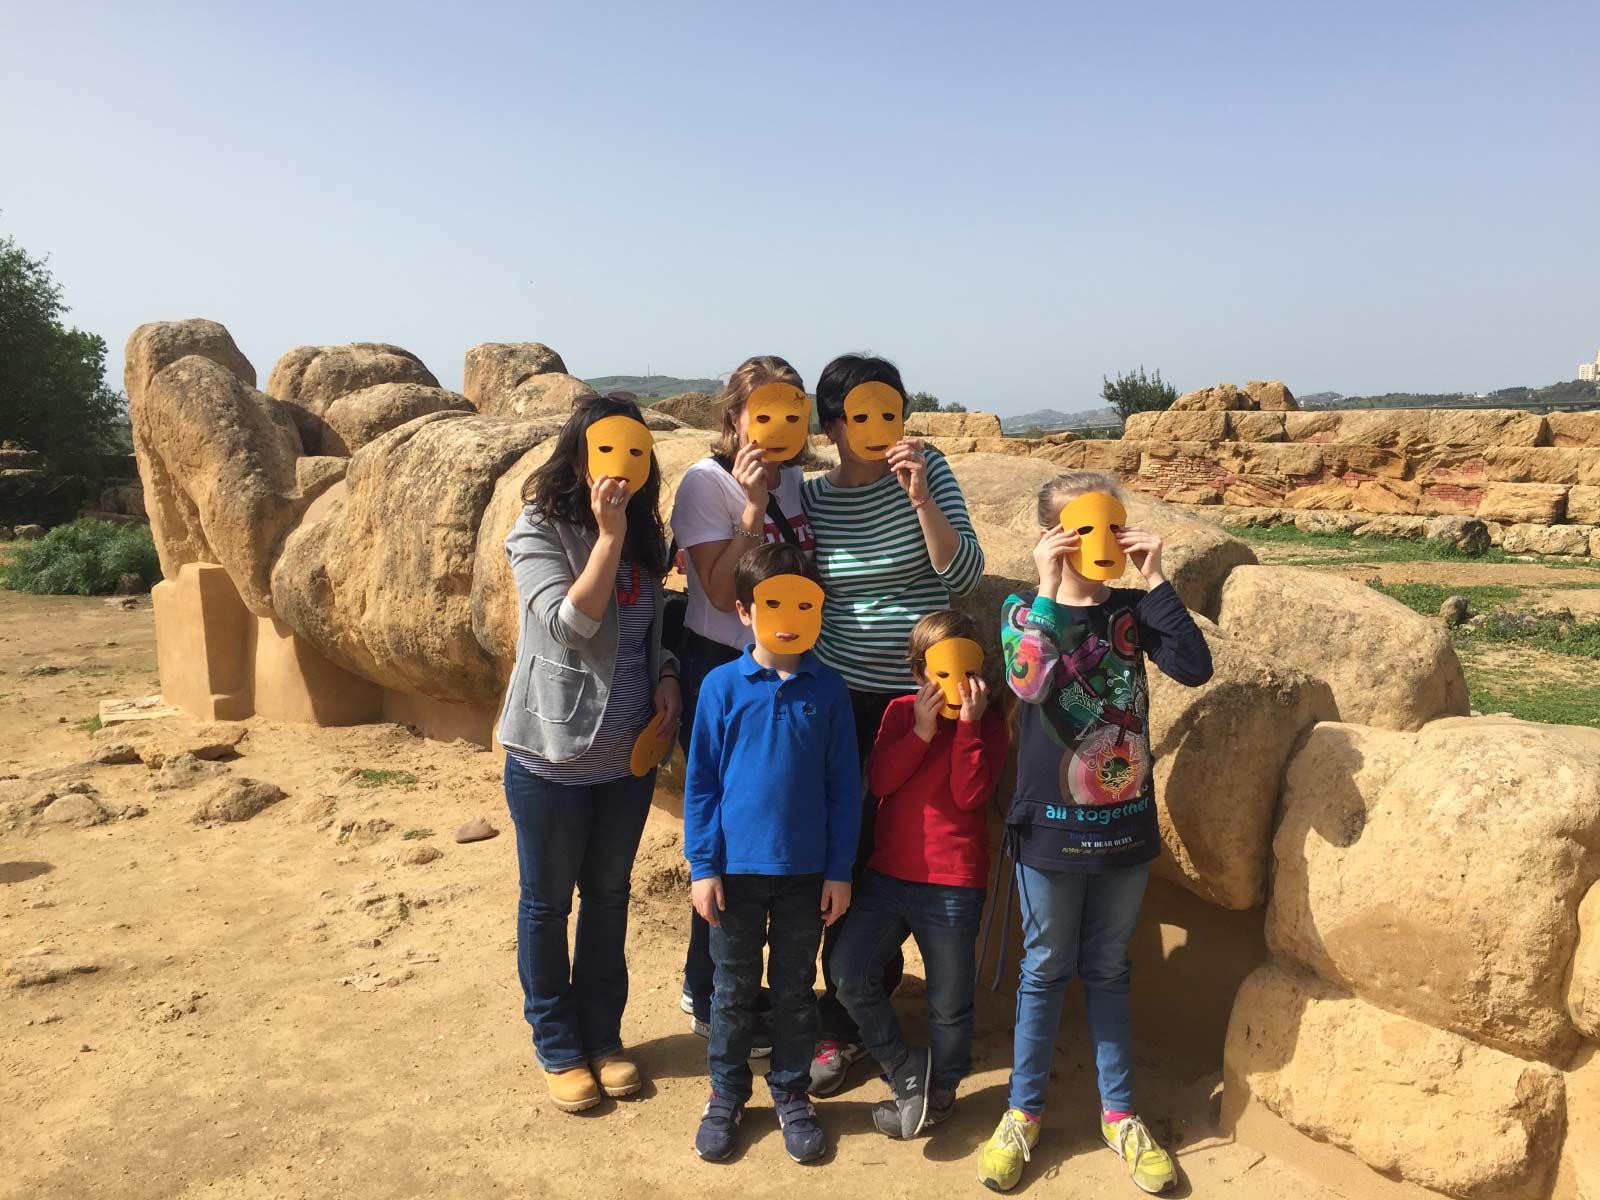 Foto di gruppo con la guida davanti al Telamone del tempio di Zeus al parco valle dei templi con una famiglia con tre bambini e due adulti che indossano le maschere per somigliare al telamone